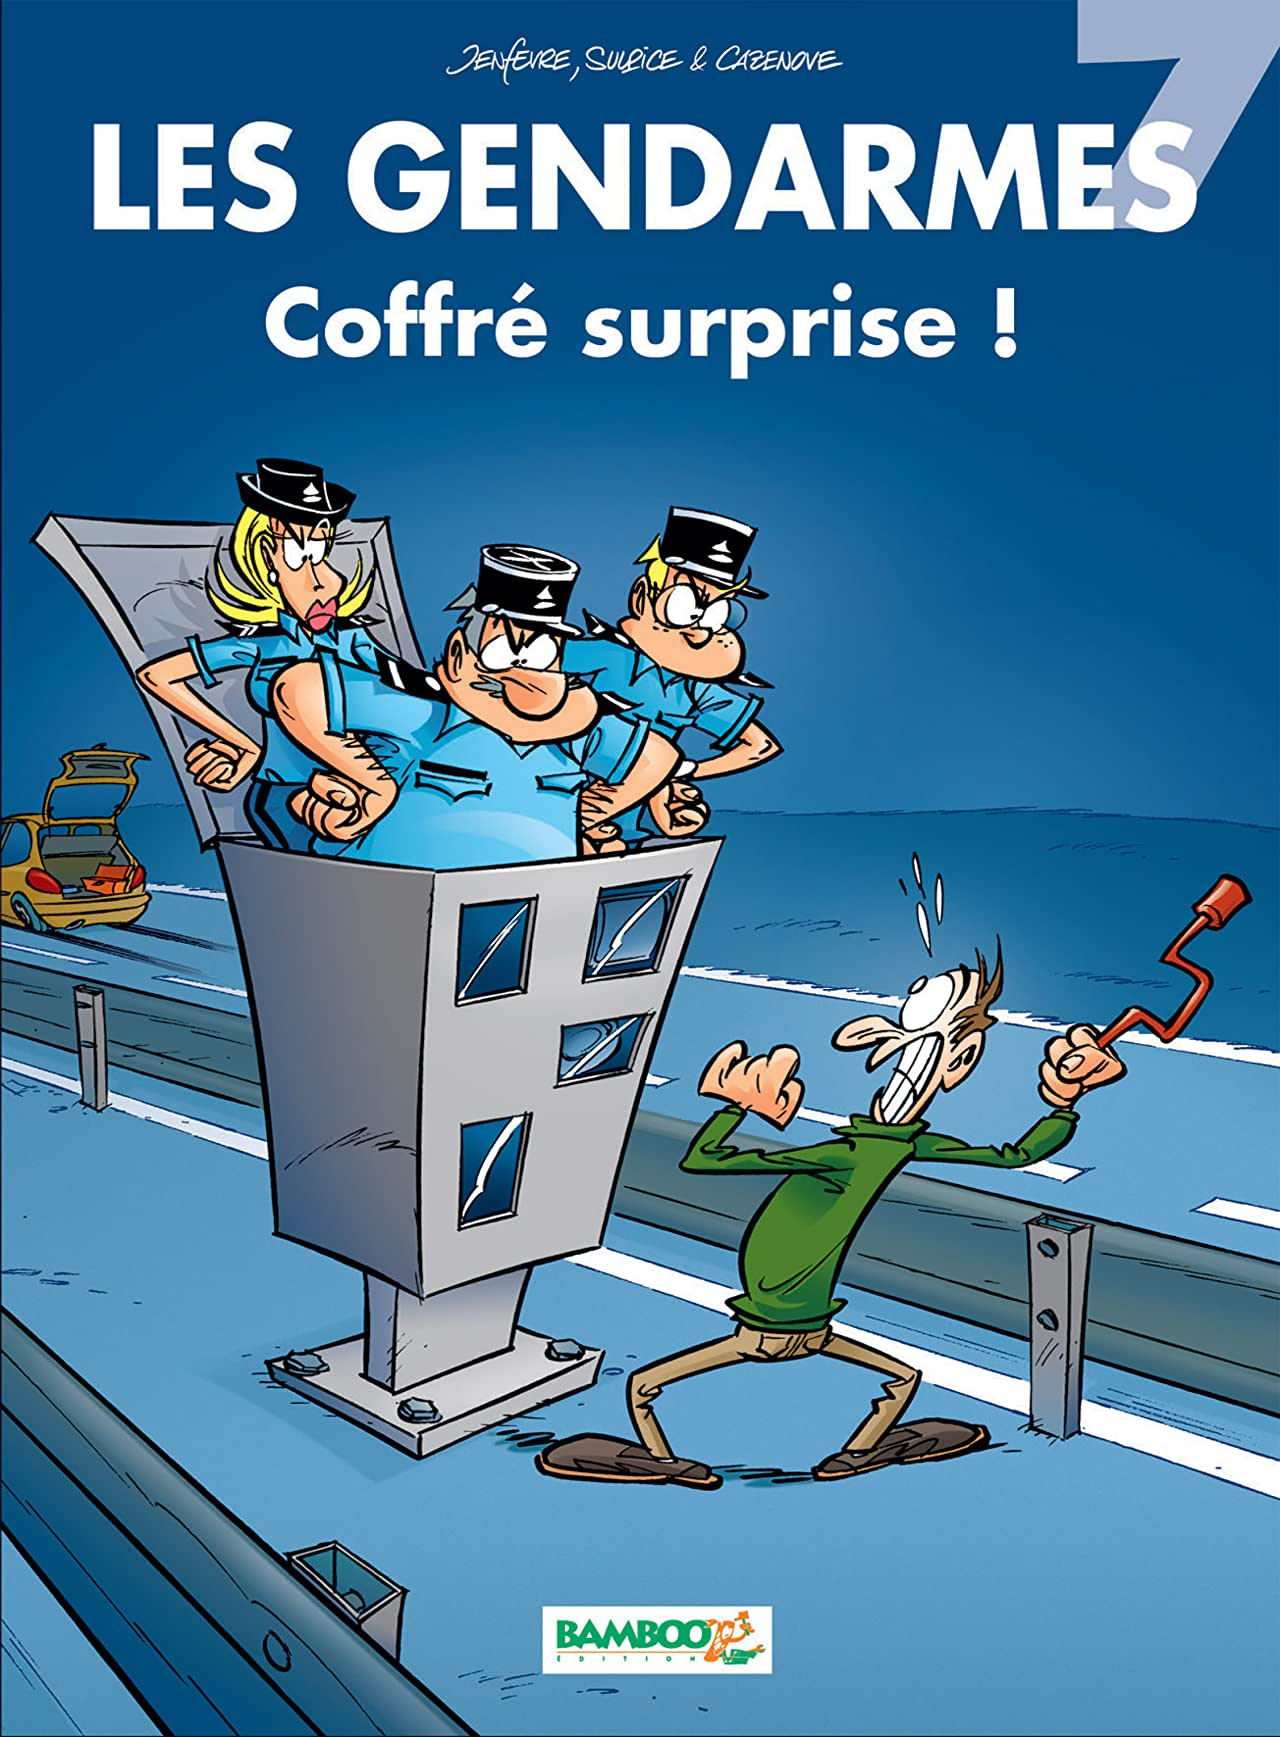 Les Gendarmes Vol. 7: Coffré surprise !